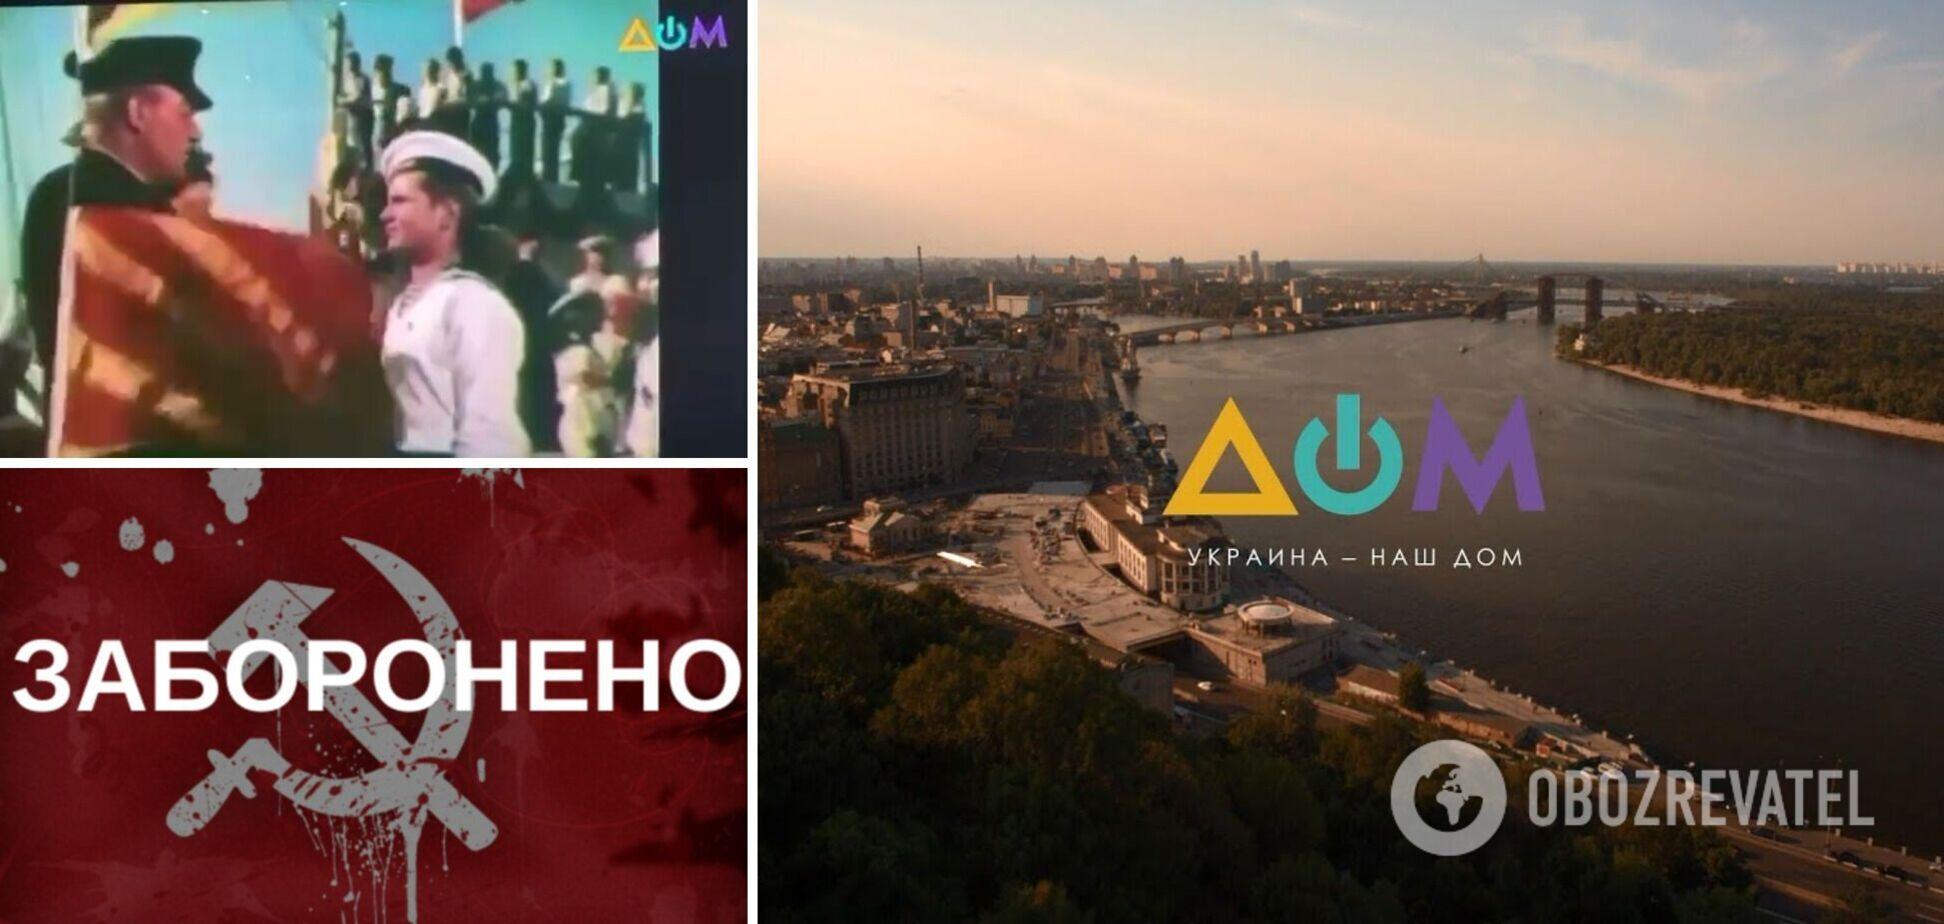 Український телеканал показав радянські фільми з пропагандою комунізму: в мережі обурилися. Фото і відео